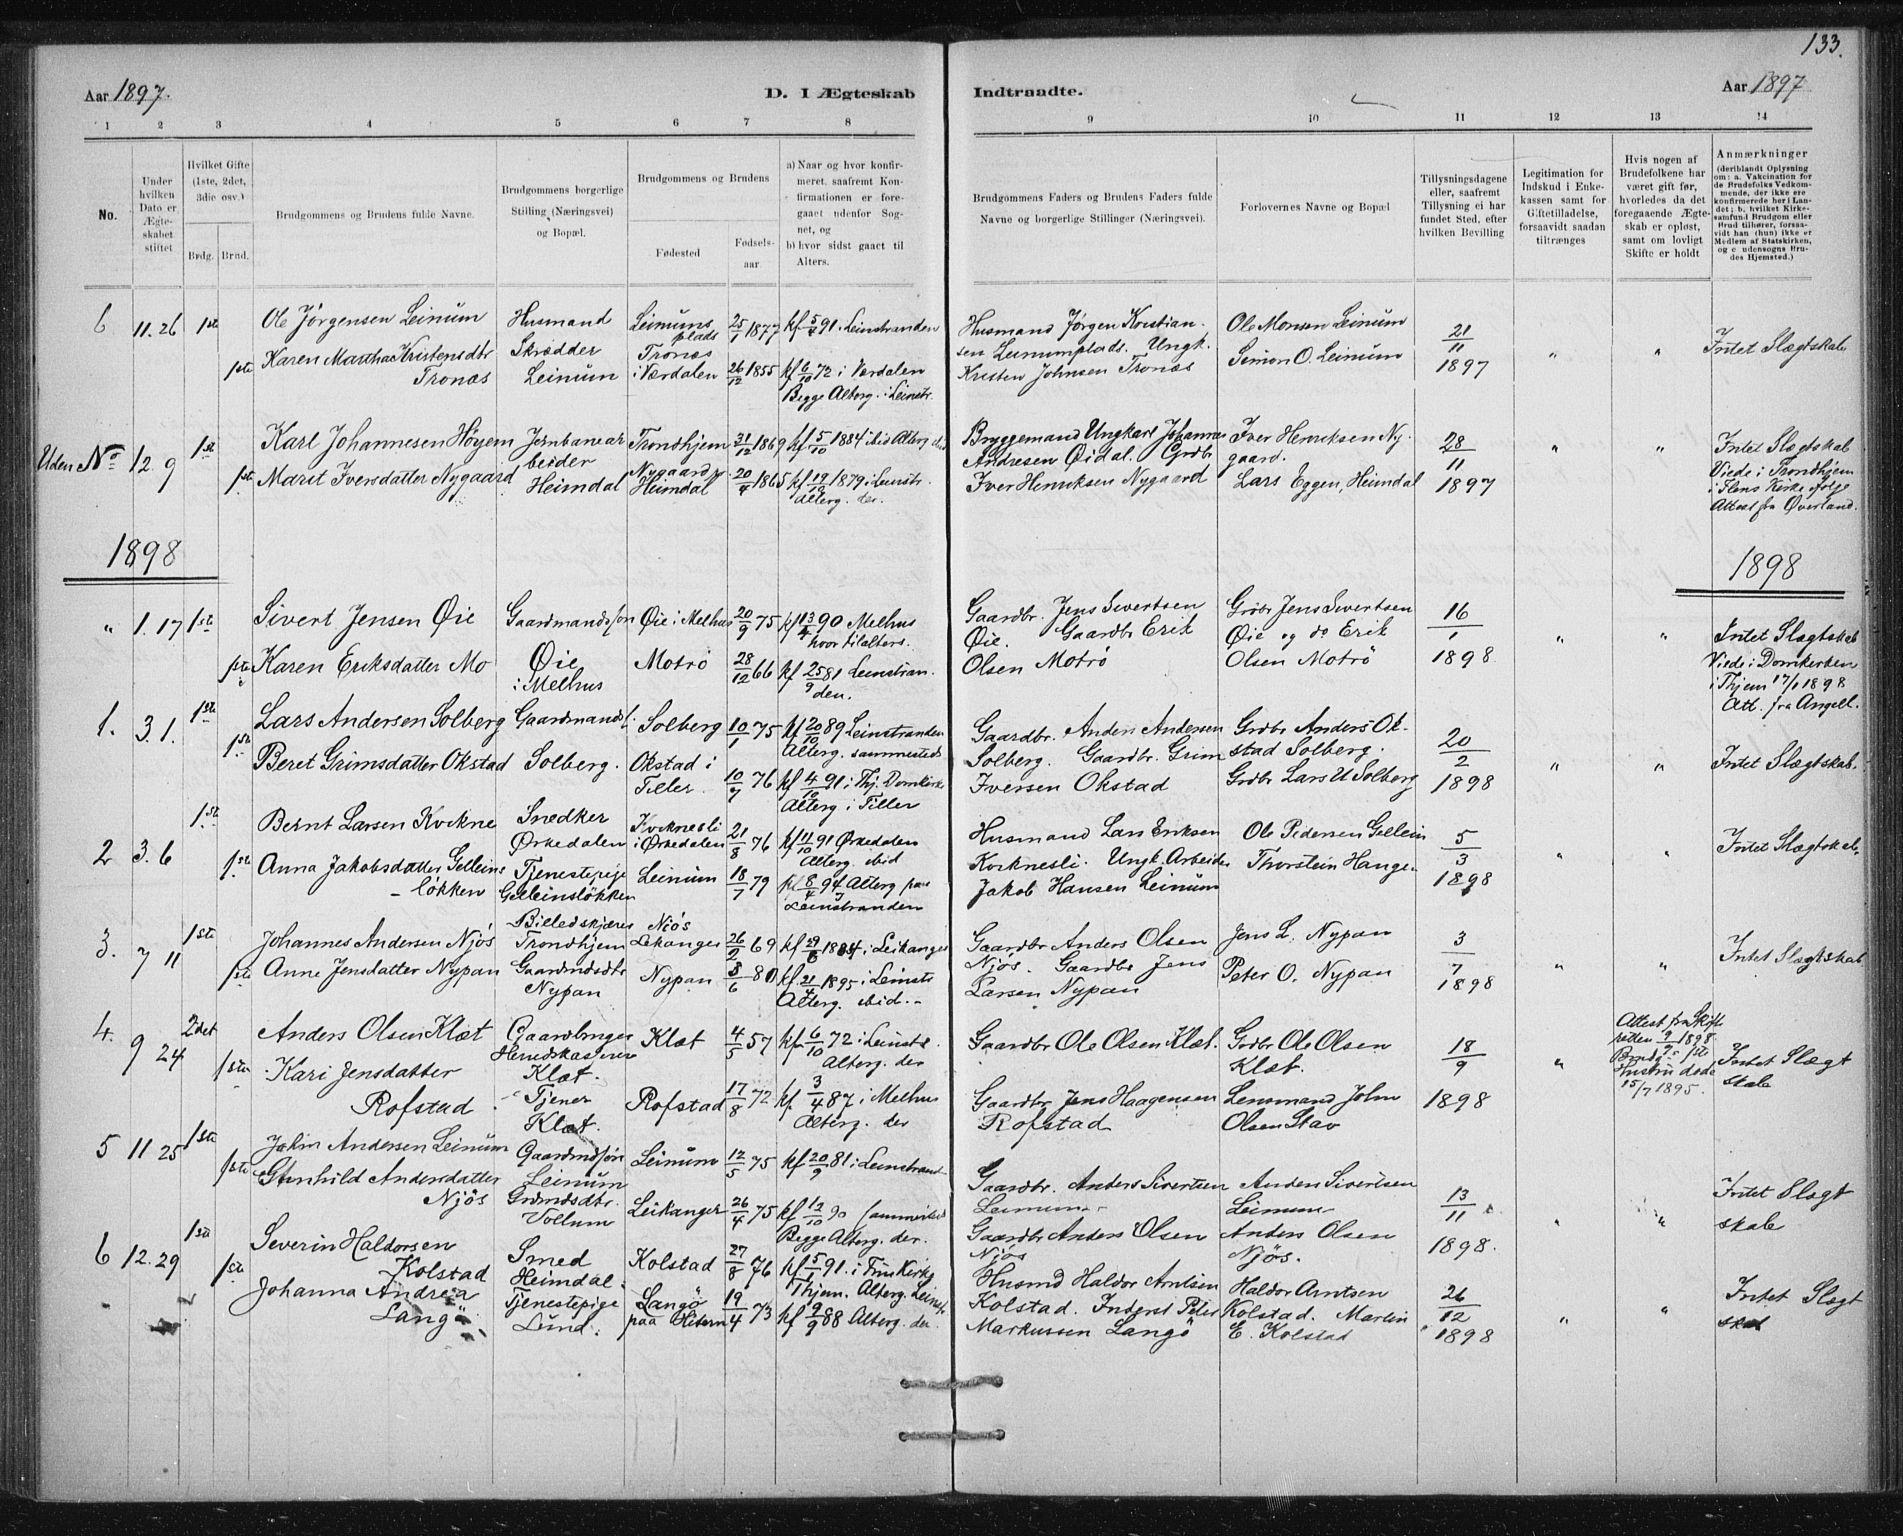 SAT, Ministerialprotokoller, klokkerbøker og fødselsregistre - Sør-Trøndelag, 613/L0392: Ministerialbok nr. 613A01, 1887-1906, s. 133